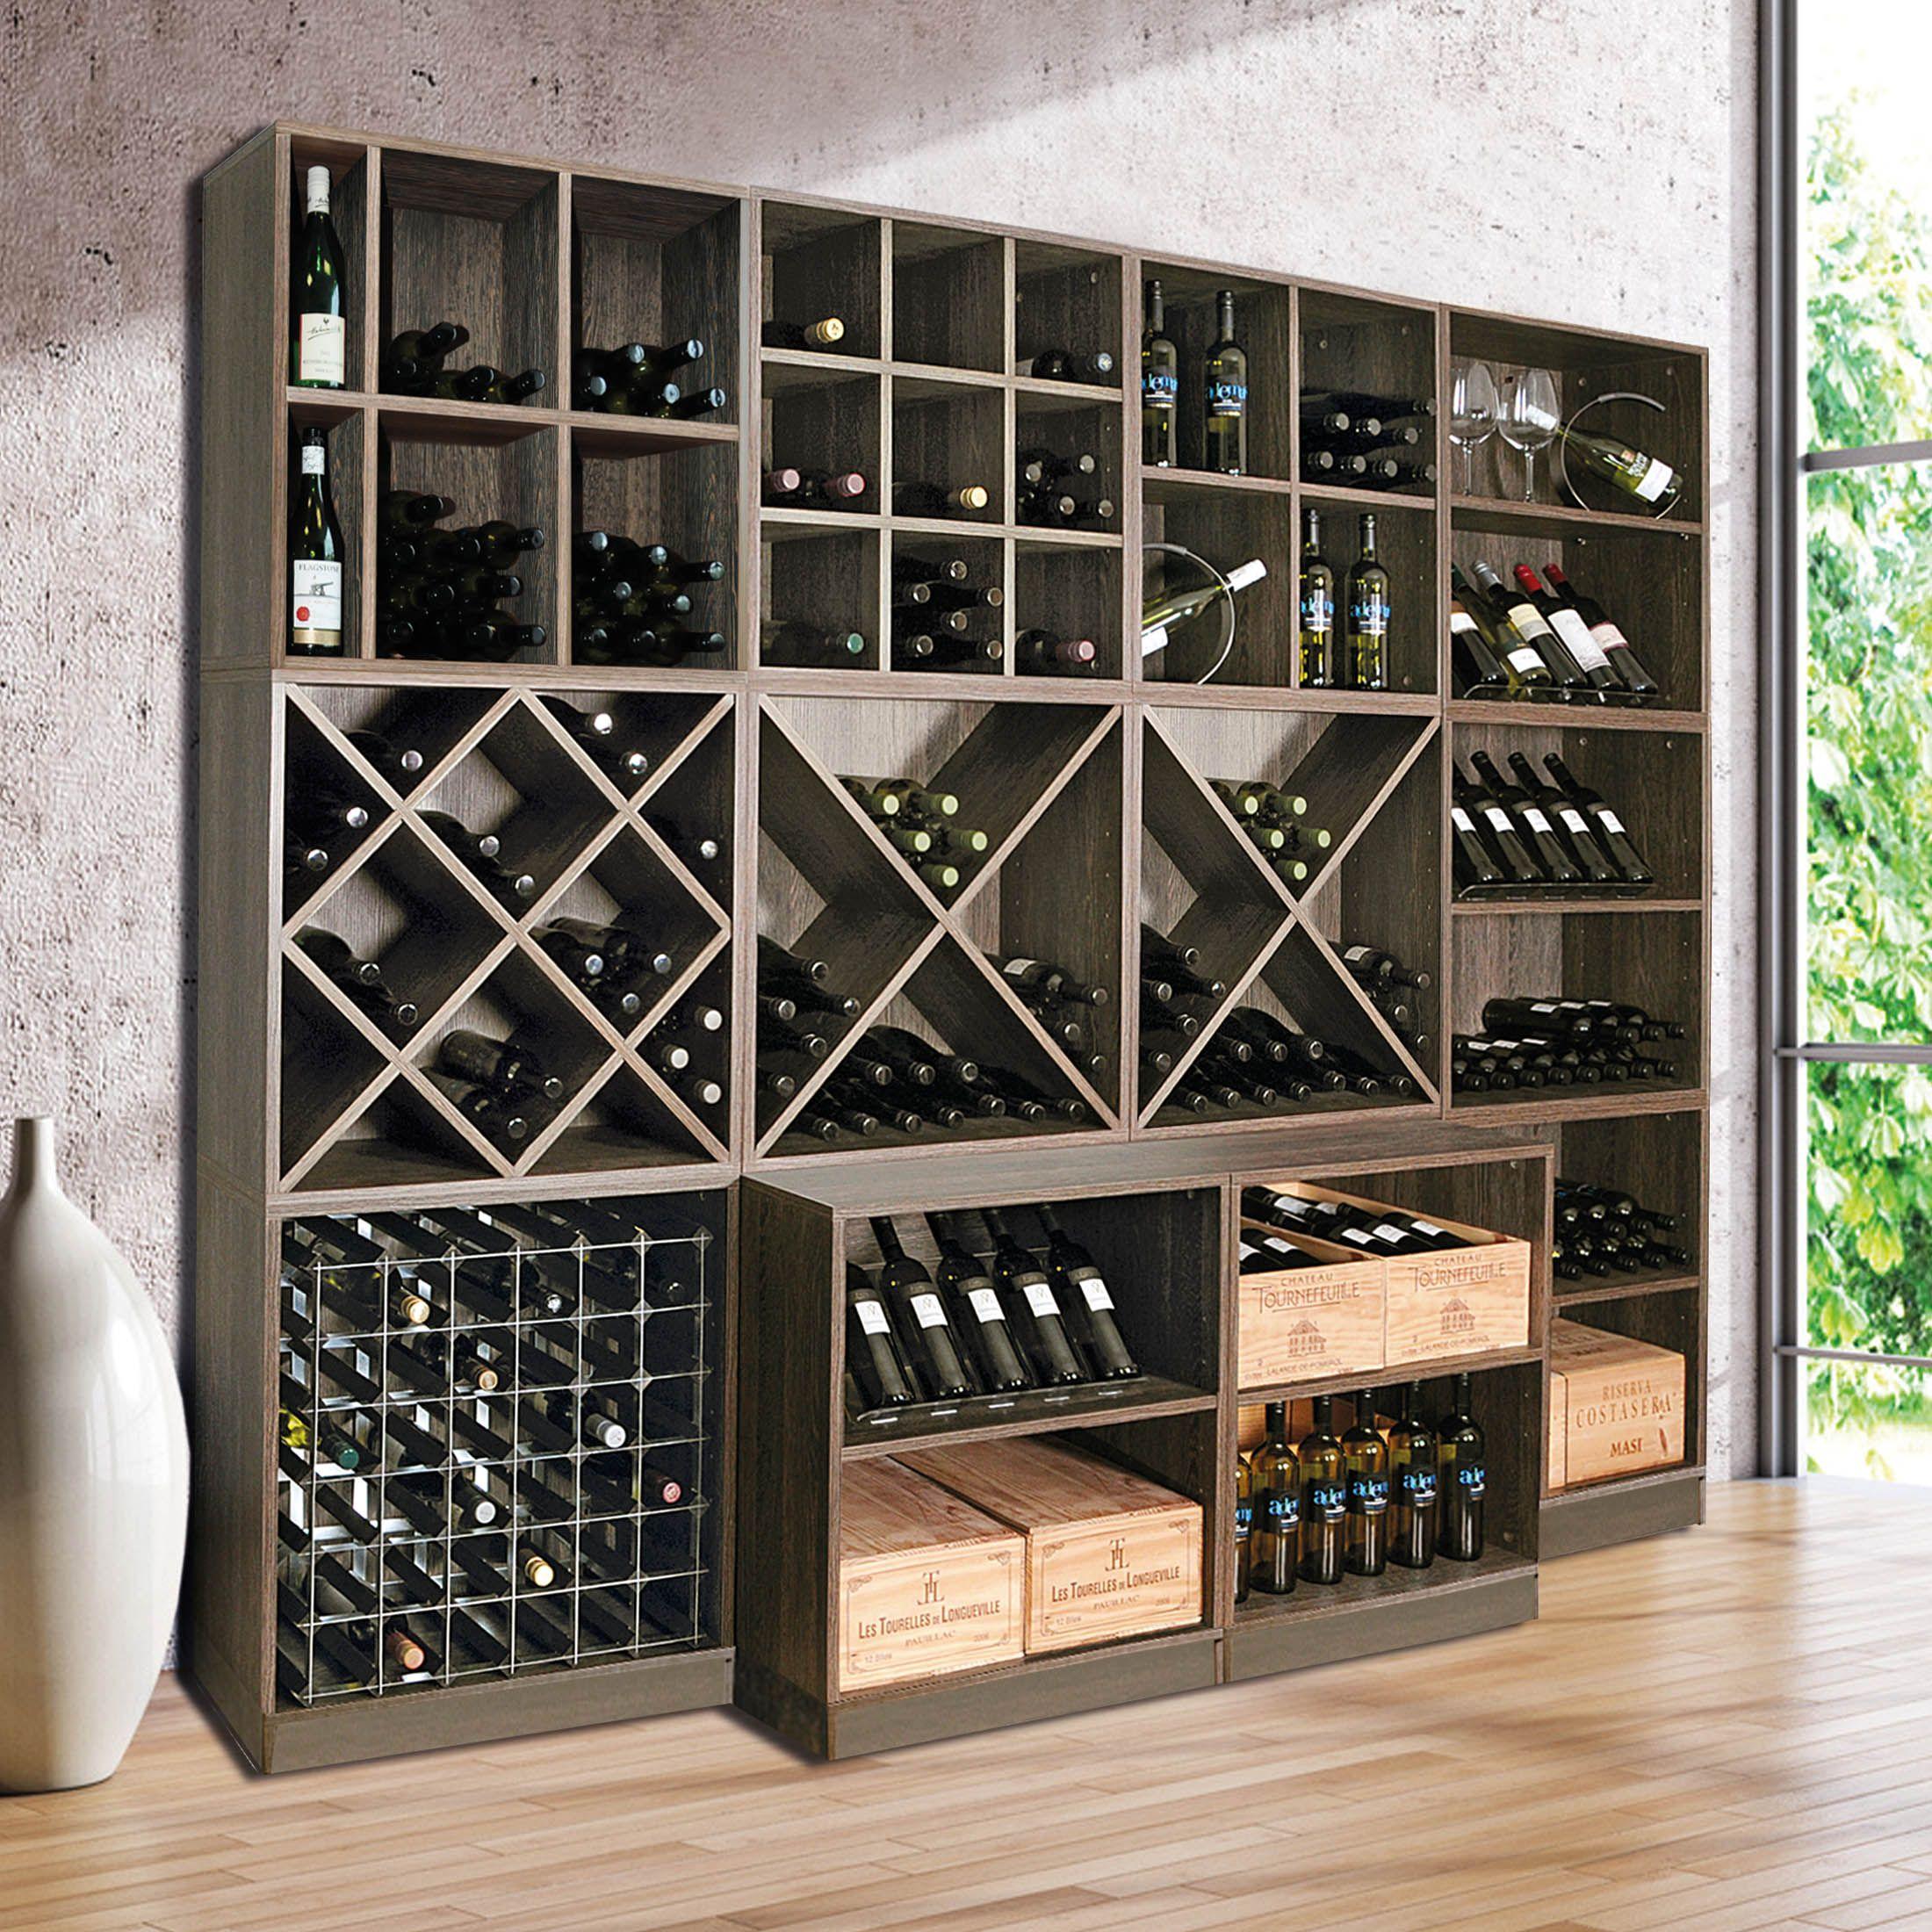 klassisches weinregalsystem mit vielseitigen modulen sowohl f r keller wohnbereich oder f r. Black Bedroom Furniture Sets. Home Design Ideas